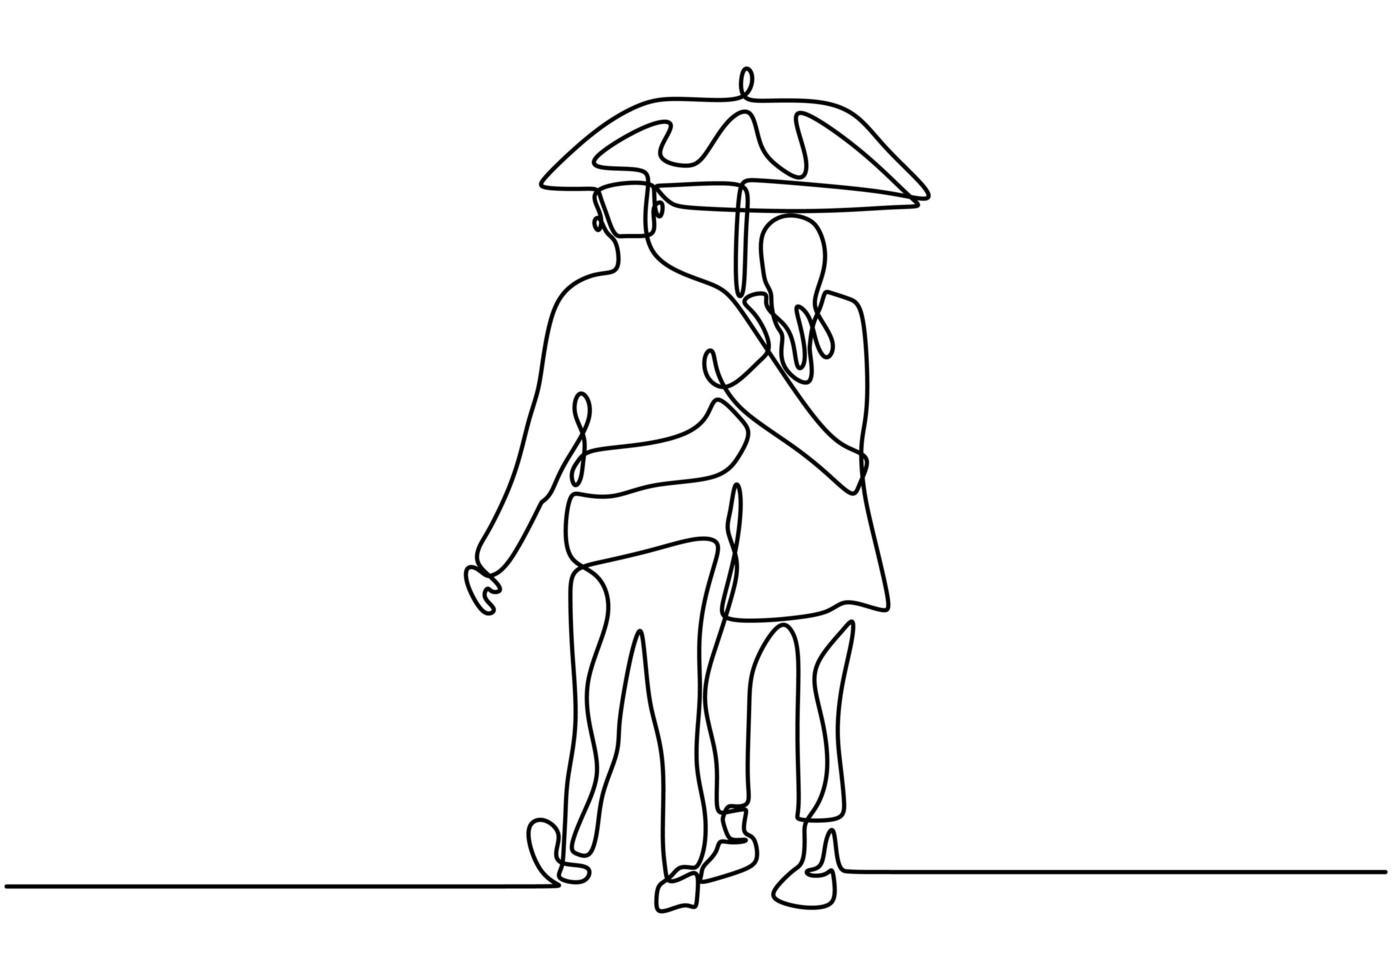 doorlopende lijntekening. romantisch paar omarmen en paraplu te houden. liefhebbers thema conceptontwerp. vector